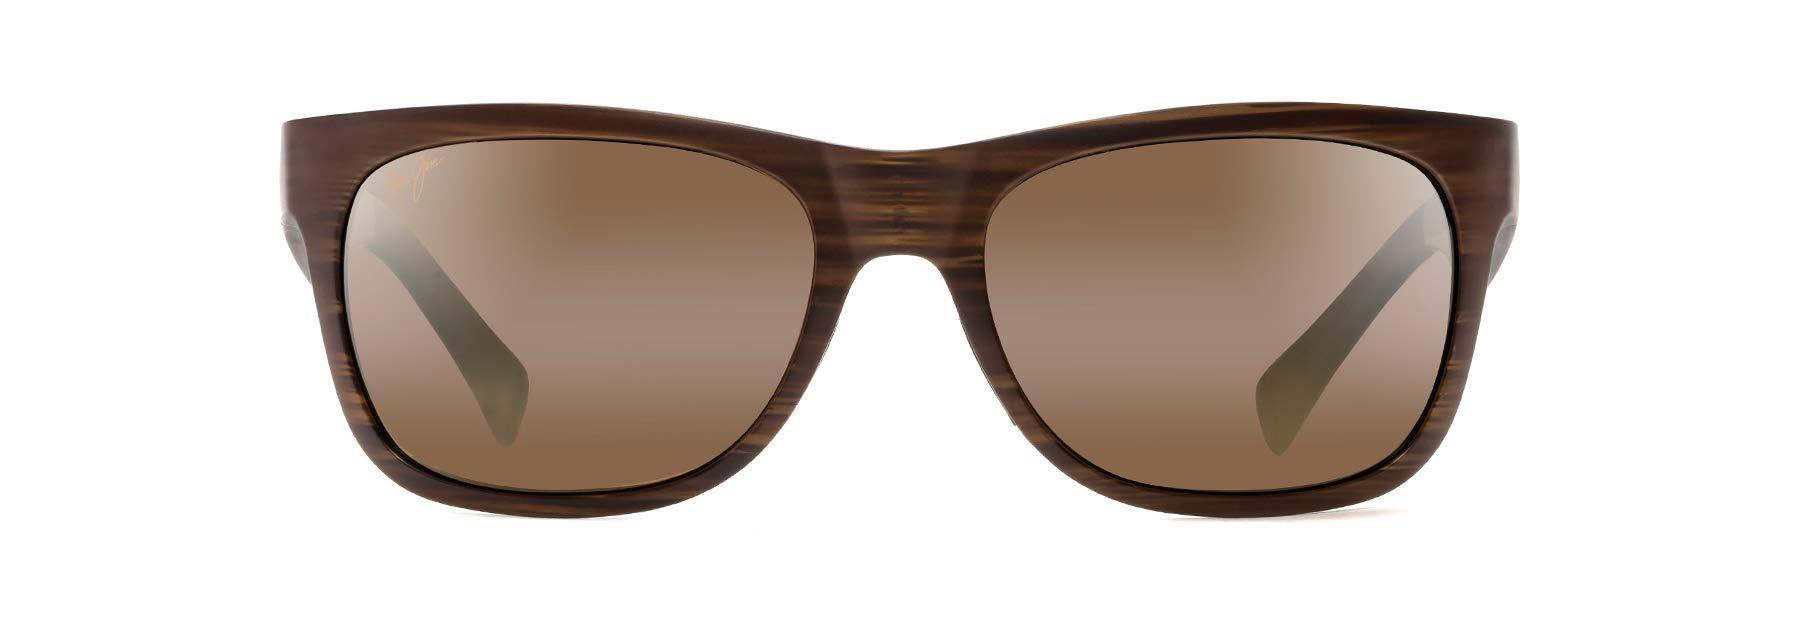 Maui Jim Kahi Wrap Sunglasses